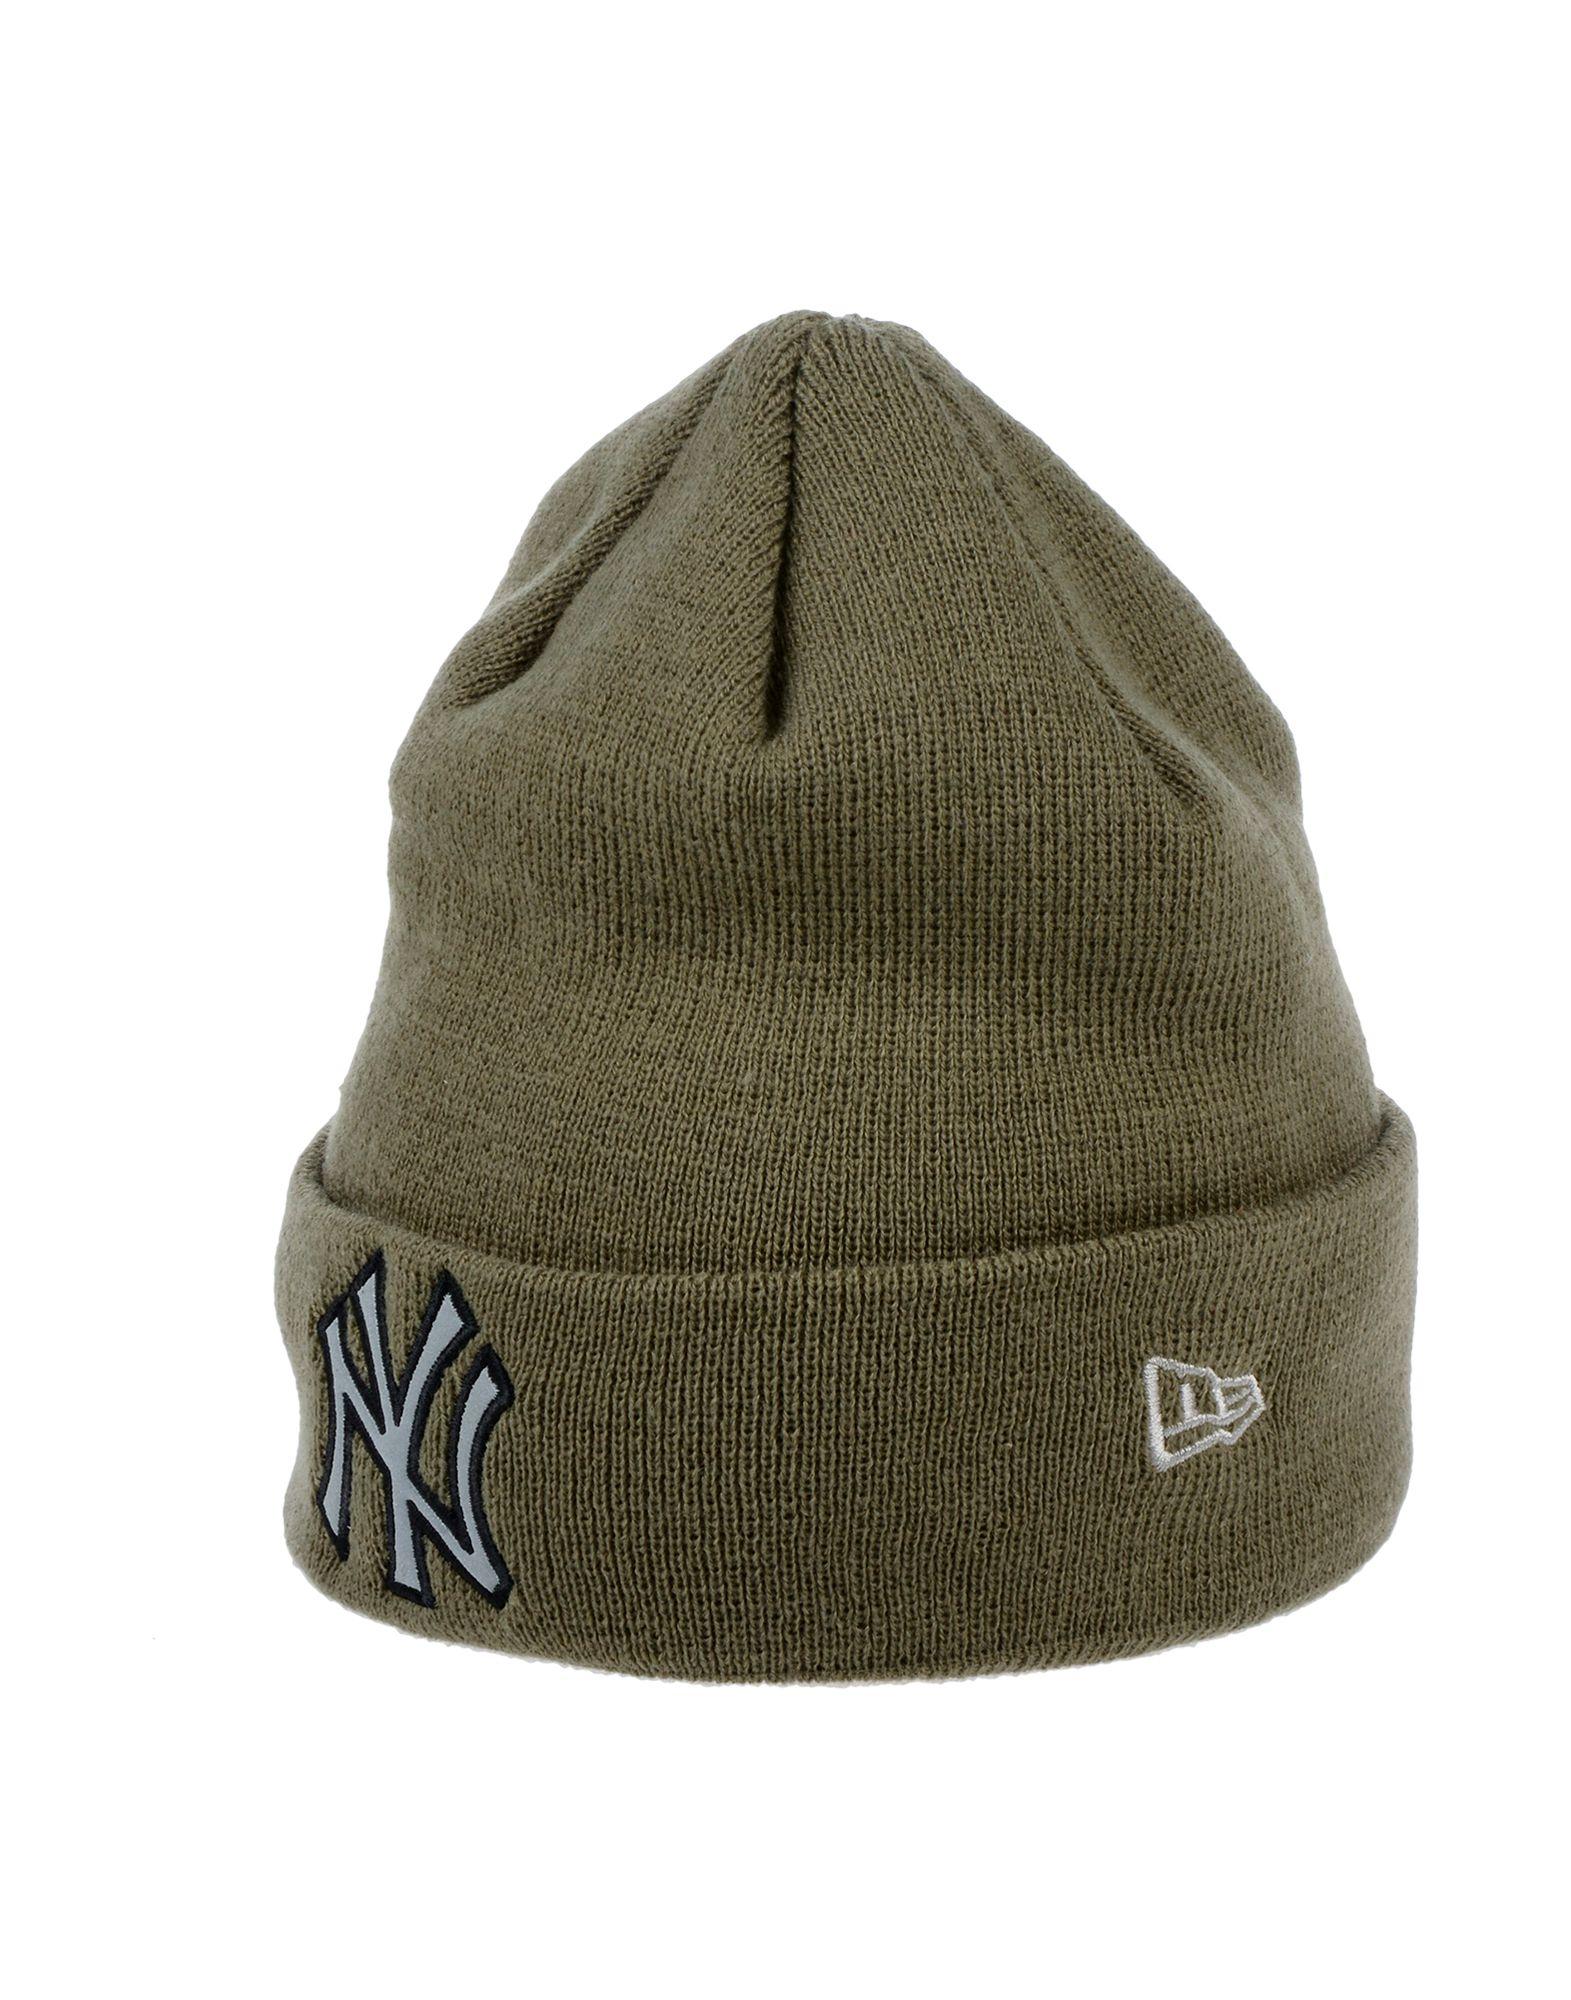 《期間限定 セール開催中》NEW ERA メンズ 帽子 ミリタリーグリーン one size アクリル 100%